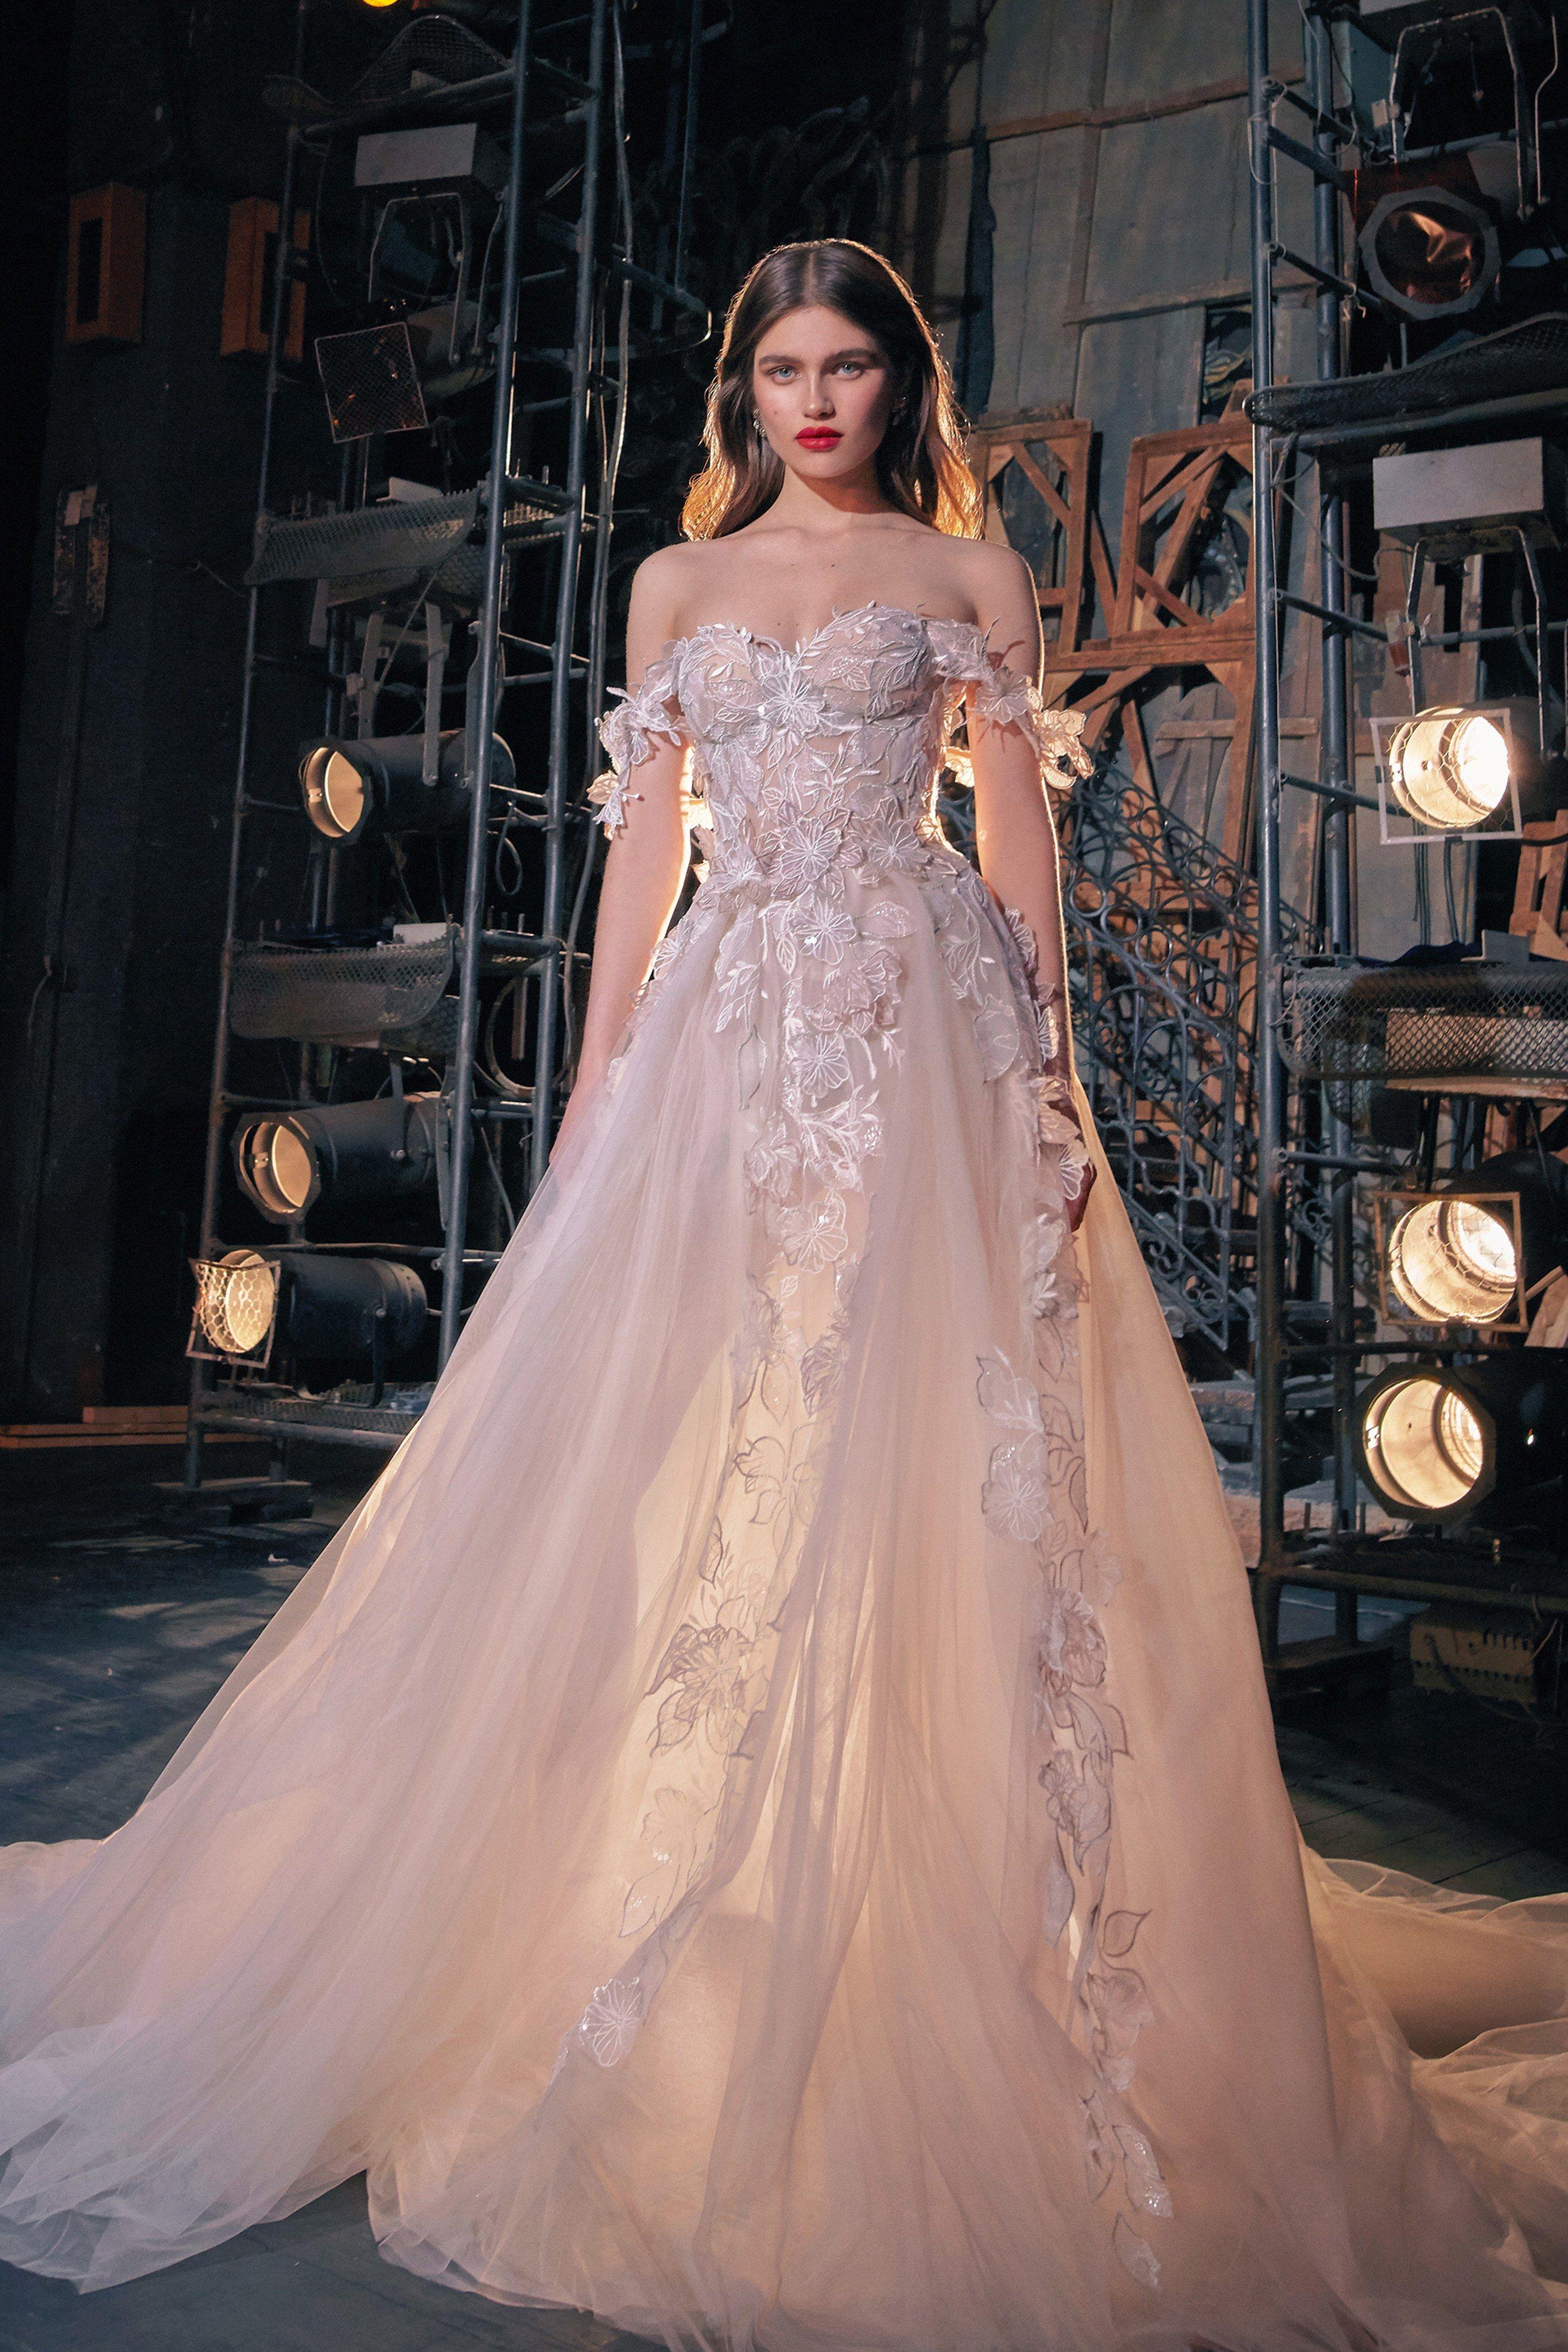 Galia Lahav Bridal Spring 2020 Fashion Show Bridal Dresses Amazing Wedding Dress Ball Gowns Wedding